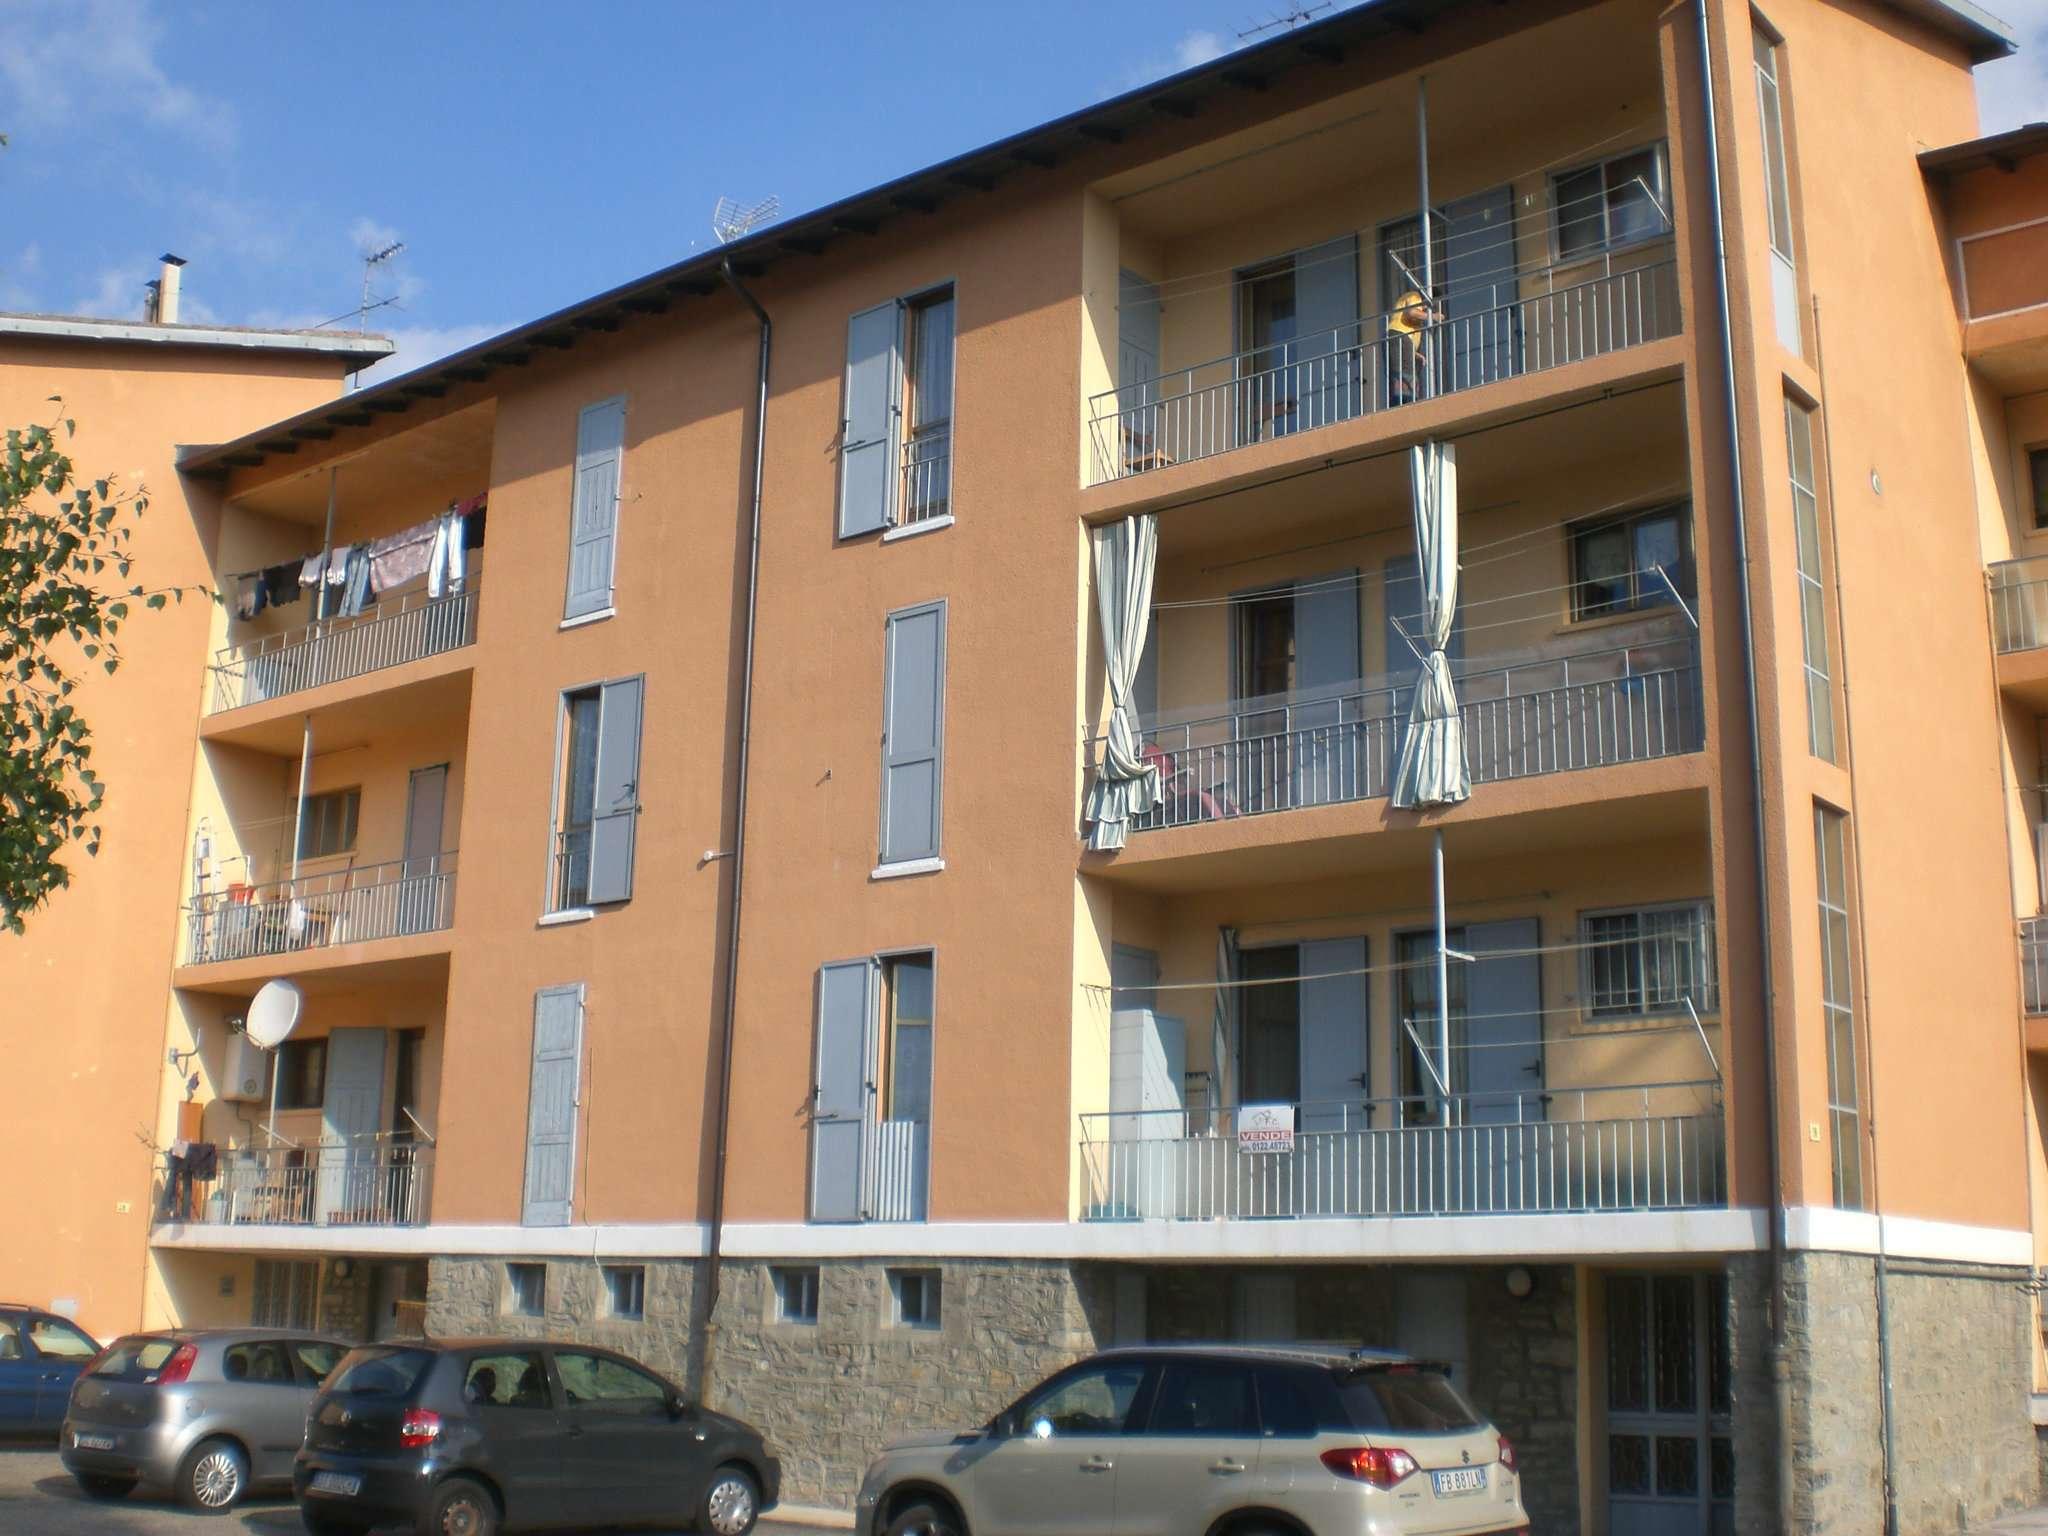 Appartamento in vendita a Bussoleno, 3 locali, prezzo € 38.000 | CambioCasa.it